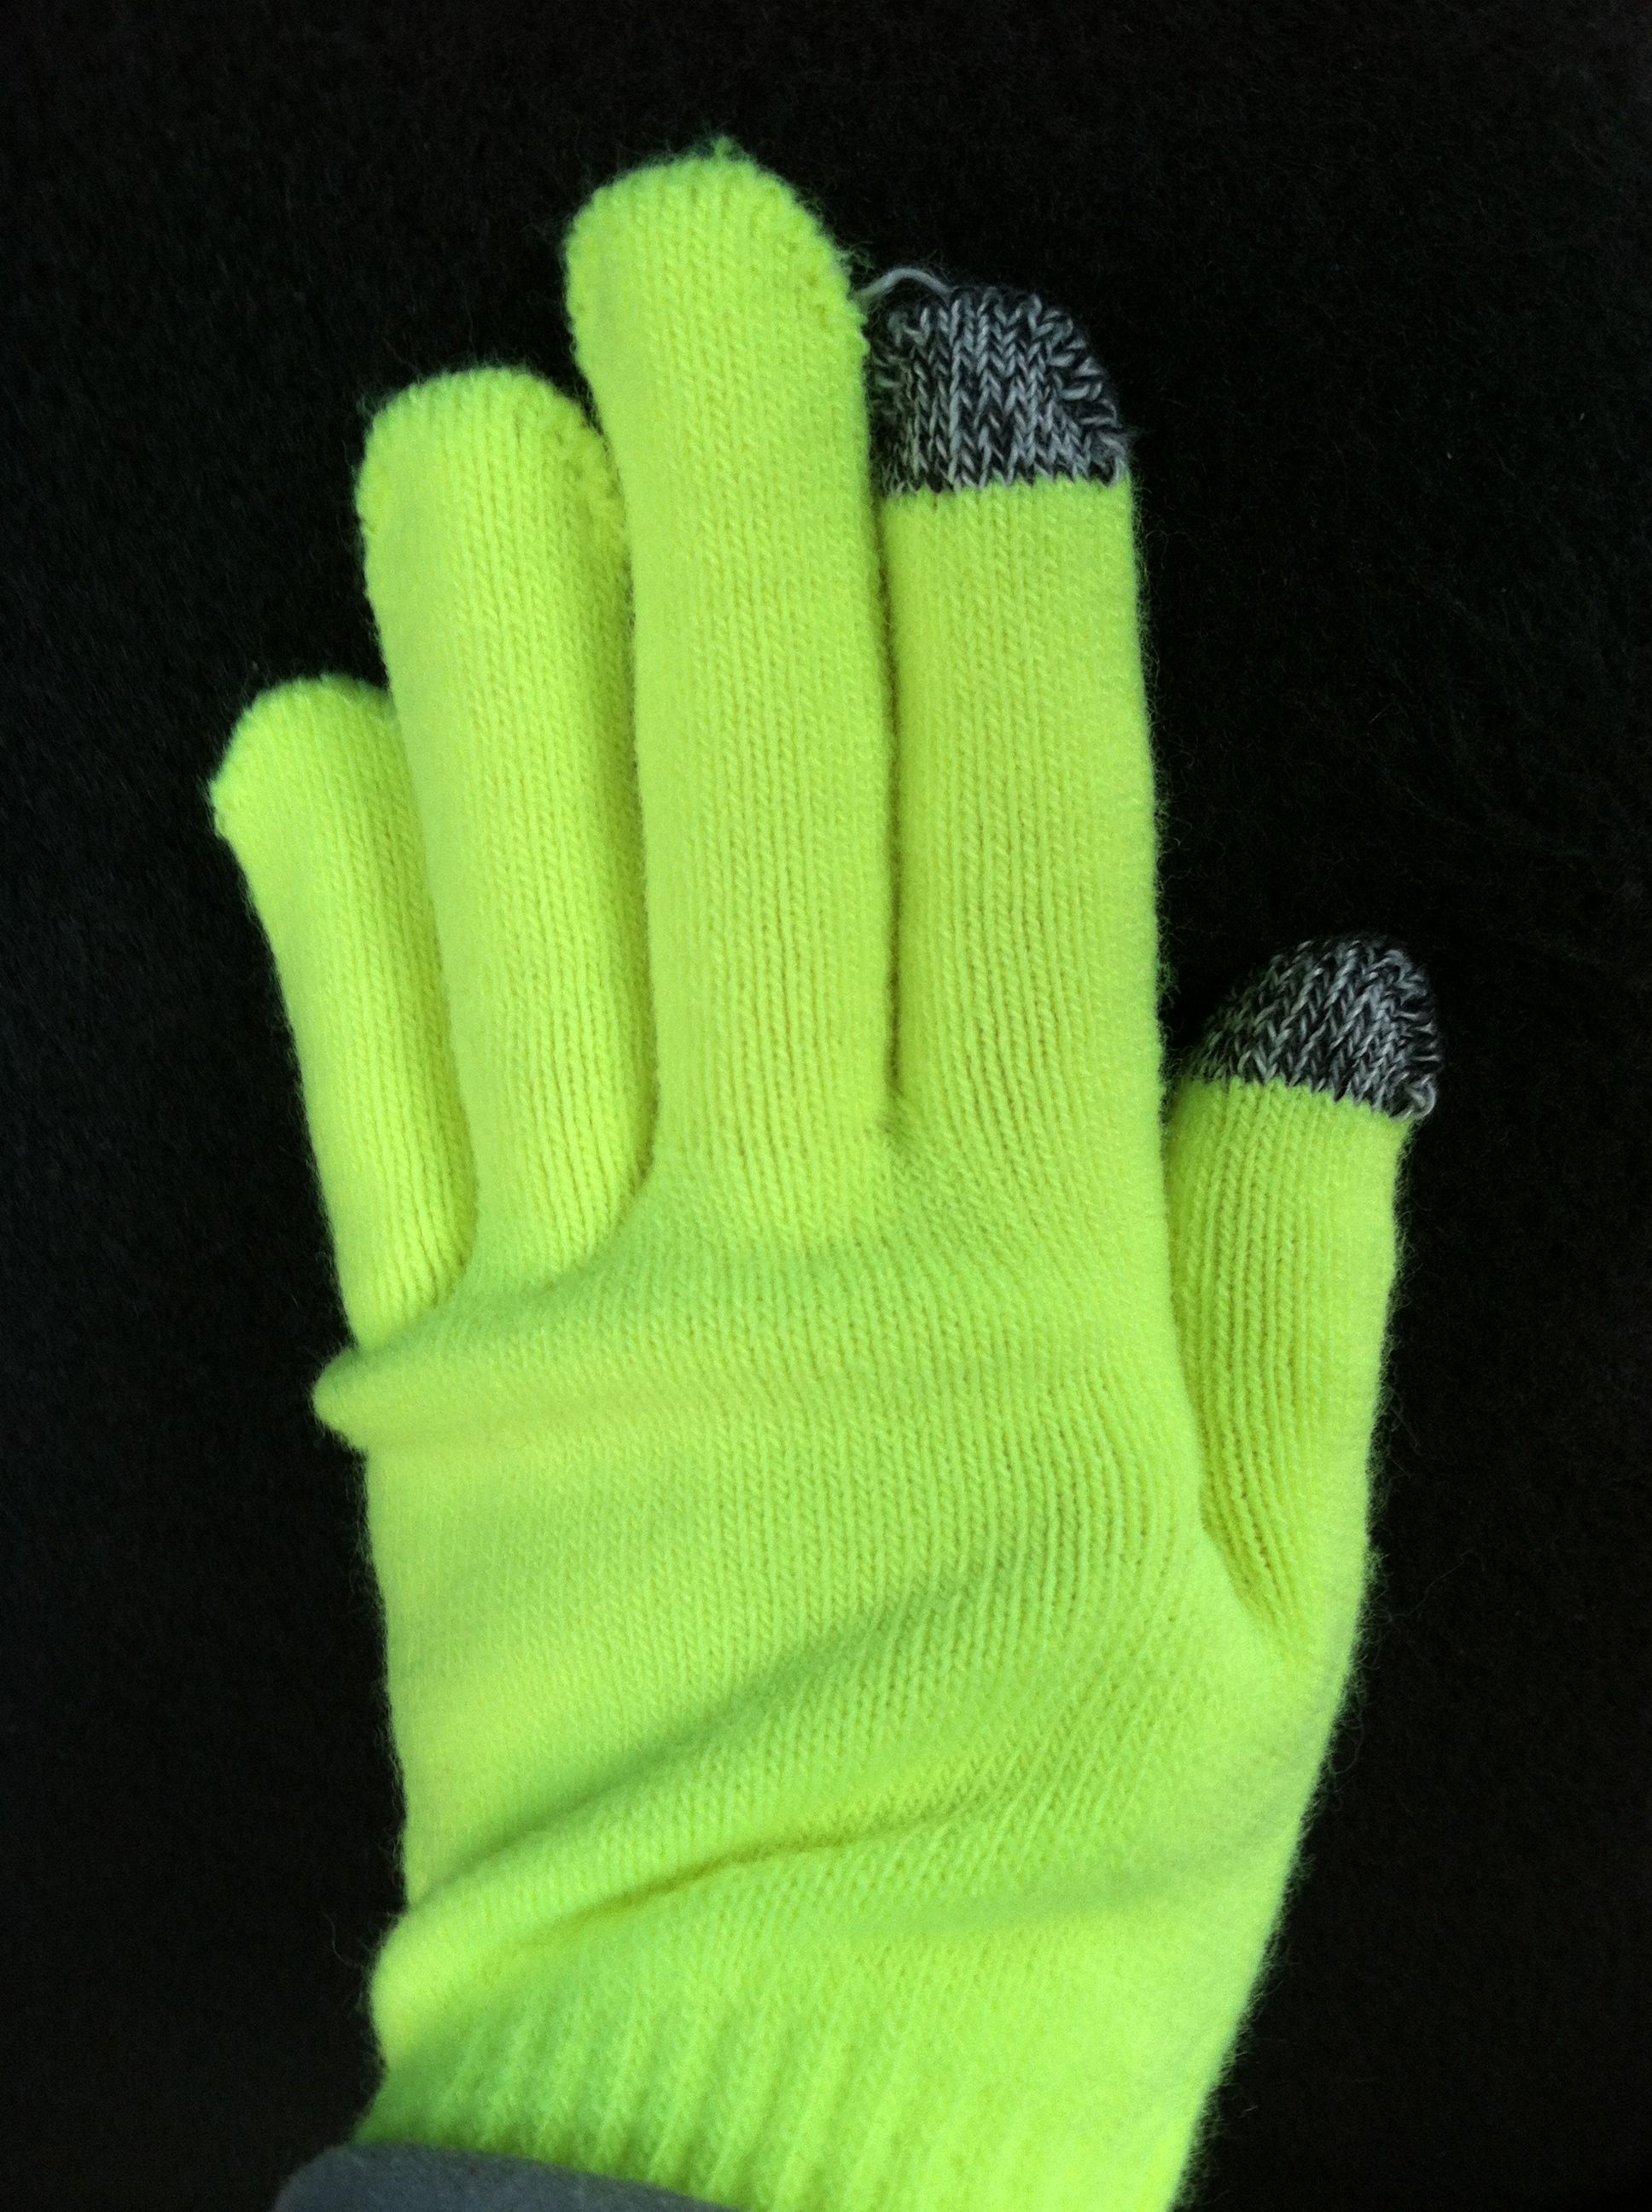 Texting gloves | Texting gloves, Winter glove, Gloves